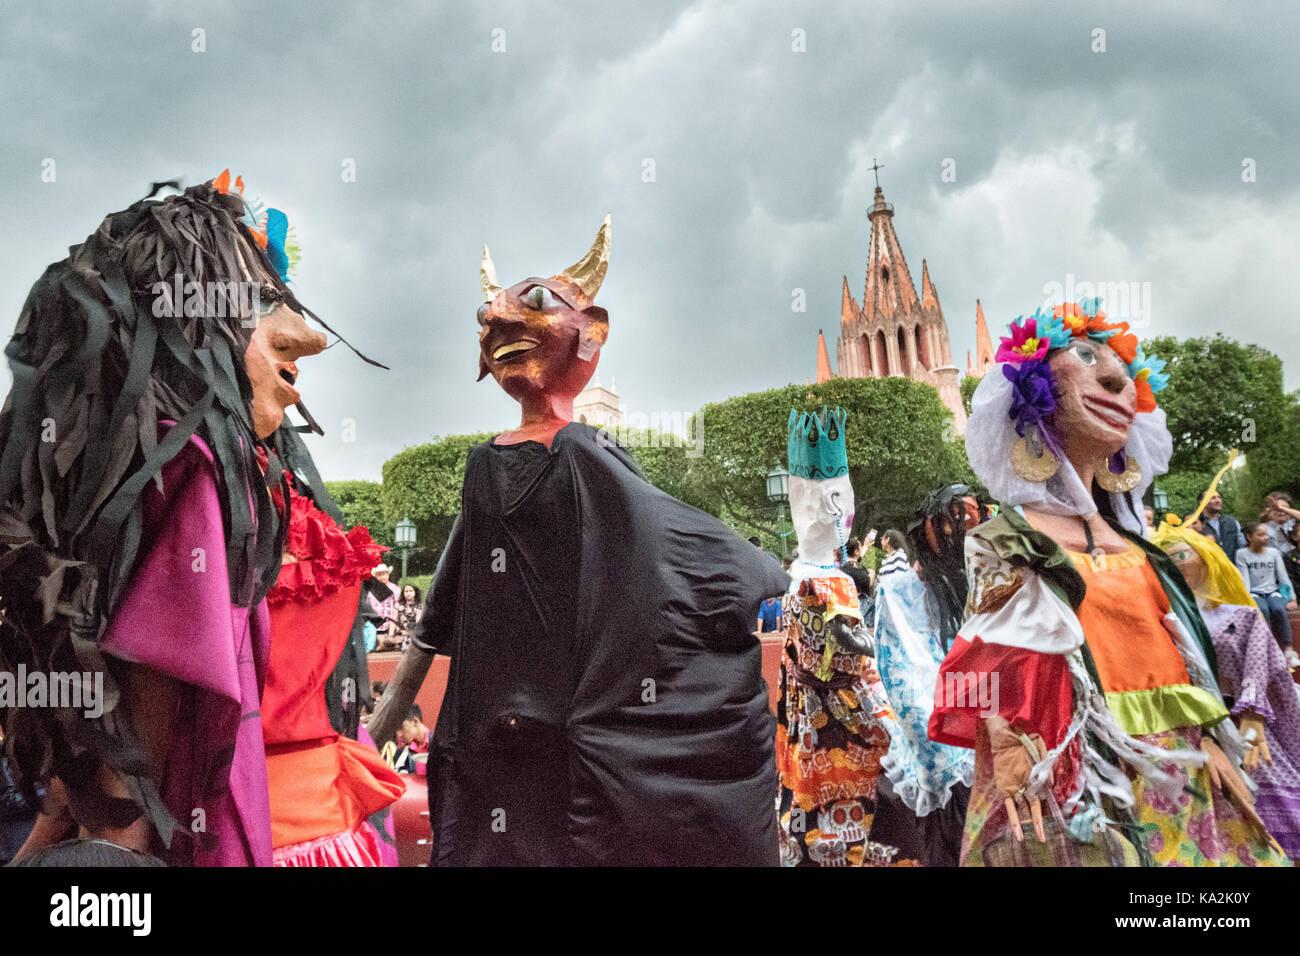 Eine Parade der Riesen papier - mache Marionetten mojigangas Tanz in einer Prozession durch die Stadt zu Beginn des einwöchigen Fiesta des Schutzheiligen St. Michael September 22, 2017 in San Miguel de Allende, Mexiko. Stockfoto